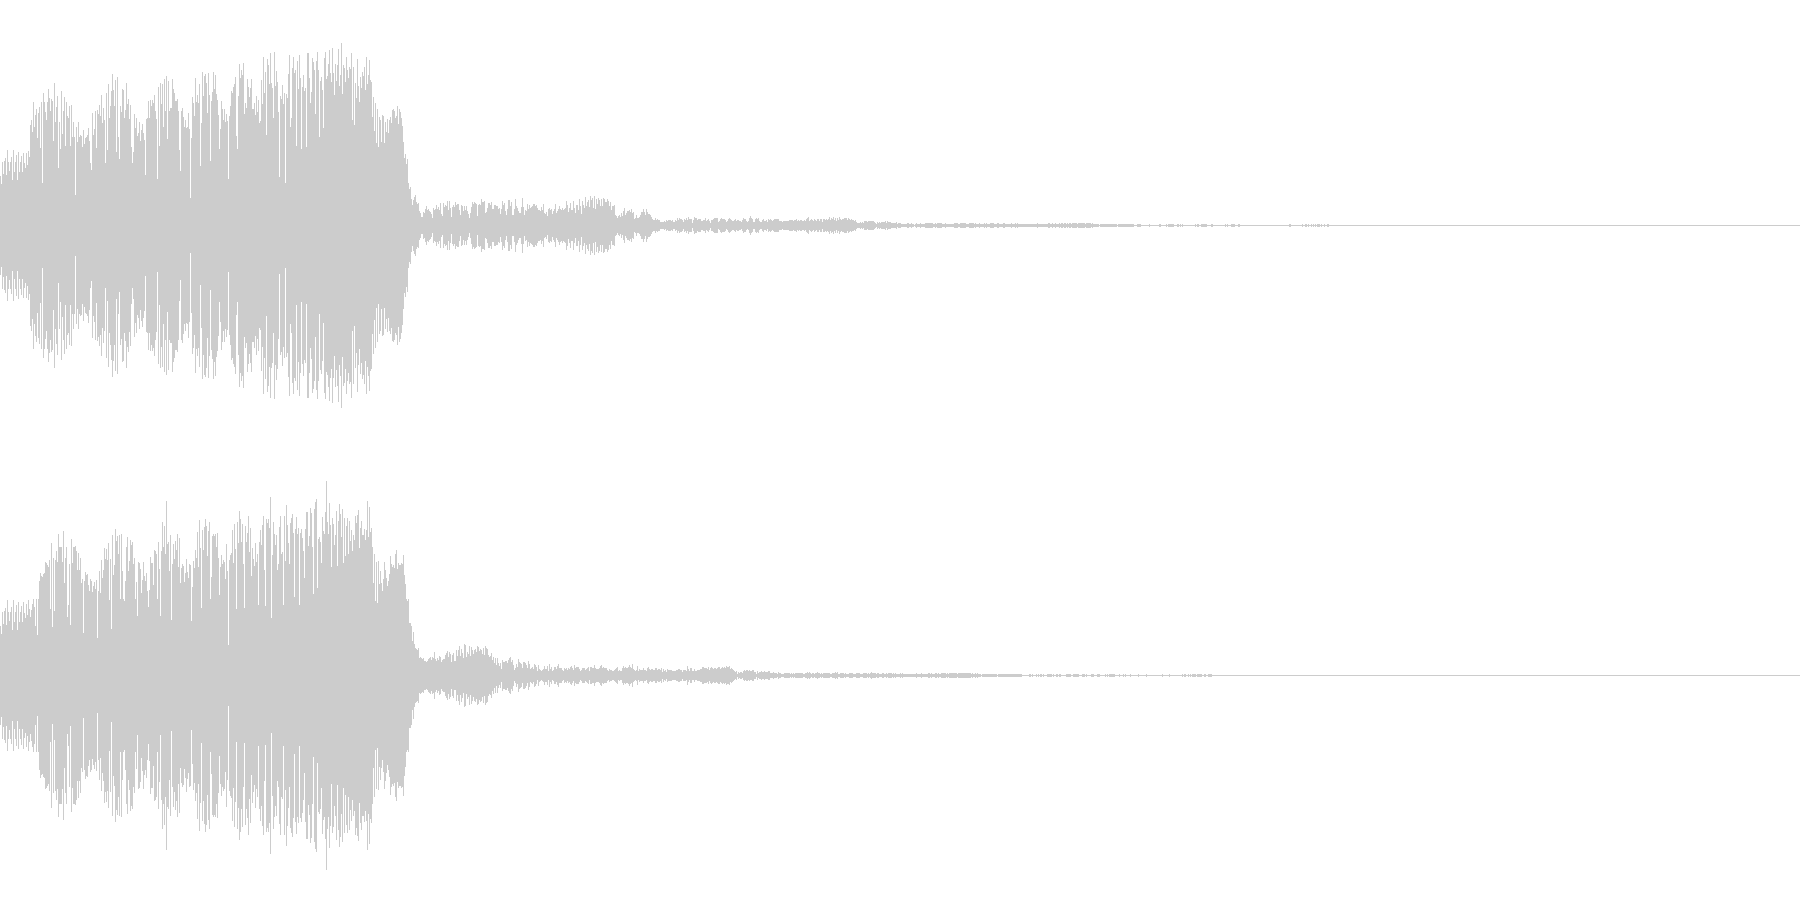 ギュウゥゥン↑シンプルなパワーアップ音の未再生の波形